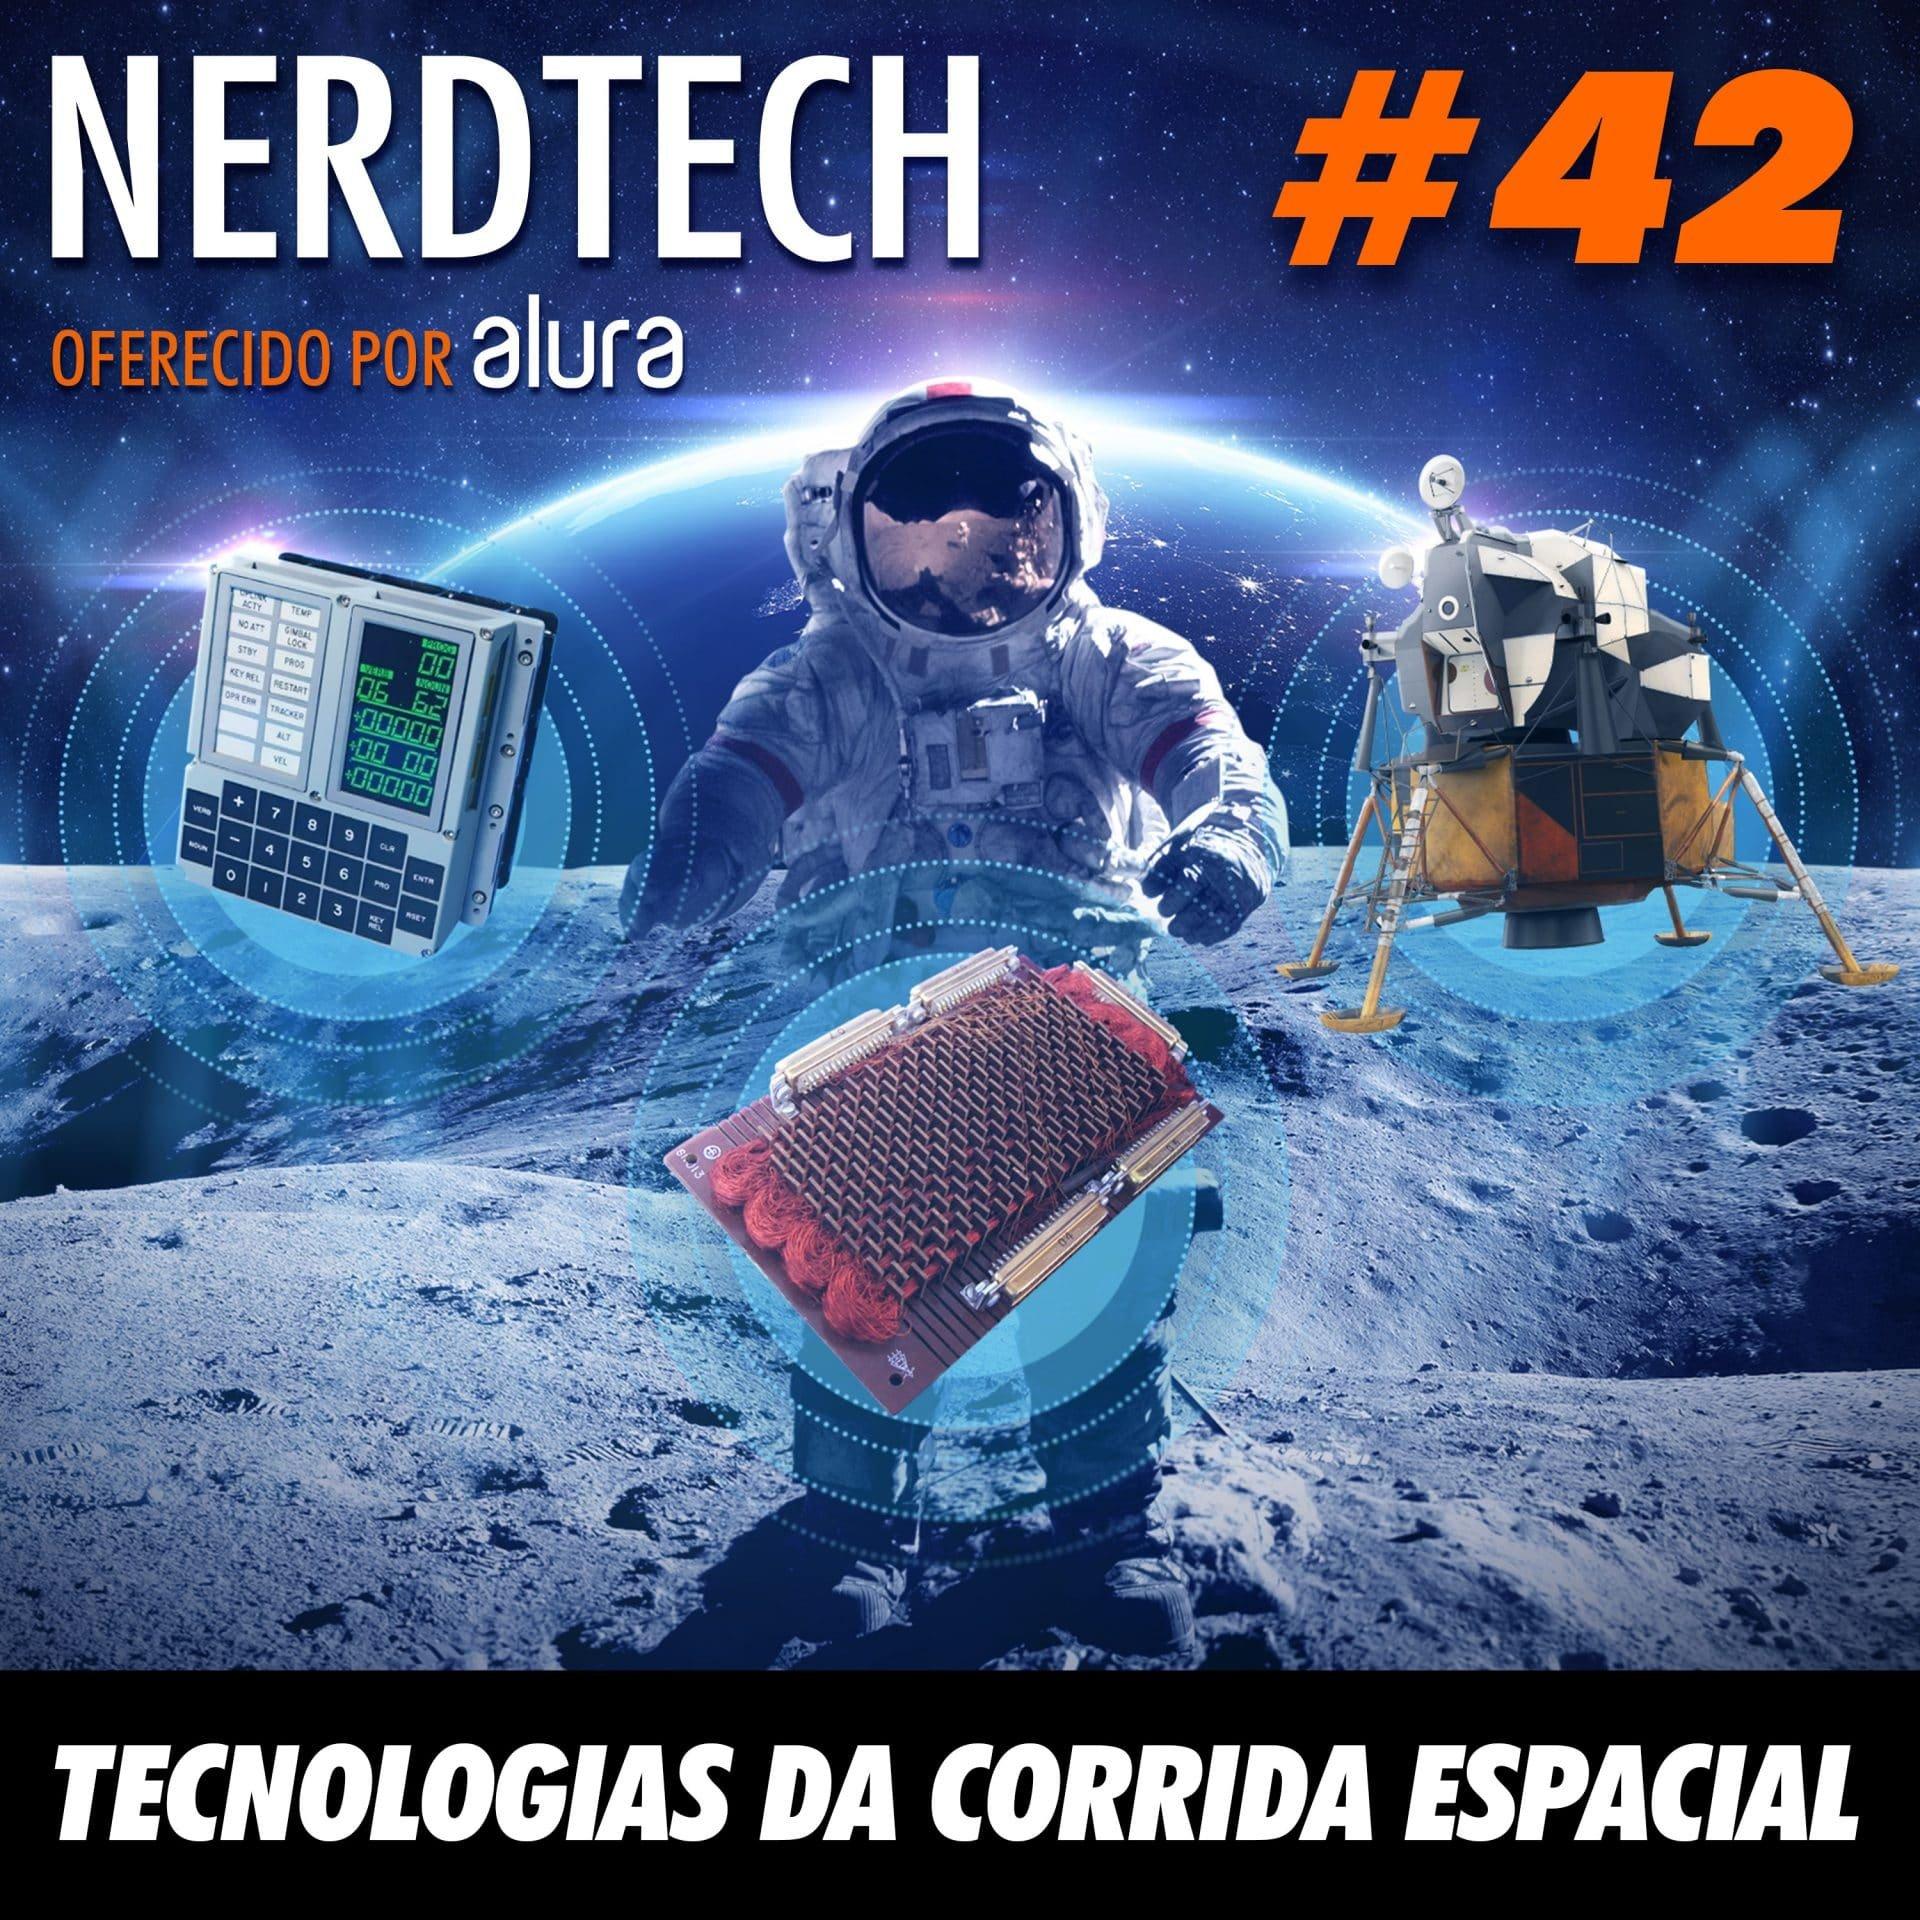 NerdTech 42 - Tecnologias da corrida espacial